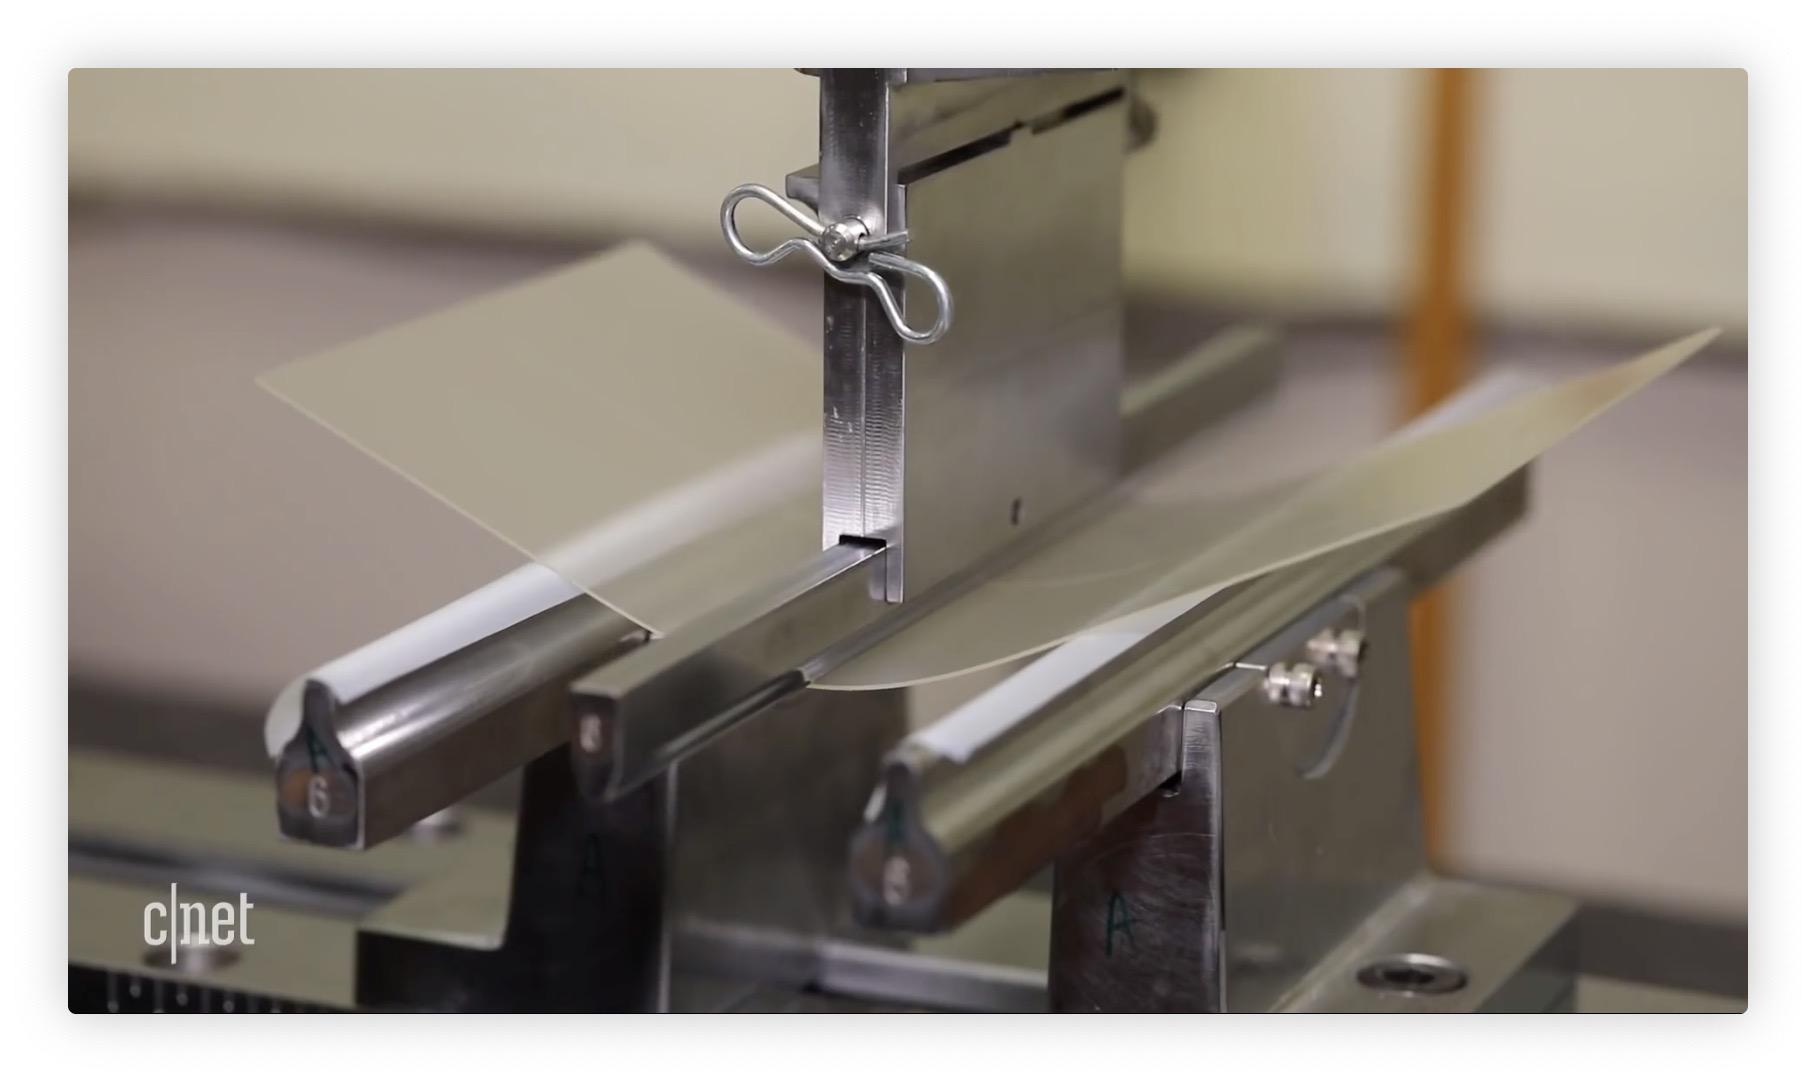 Le fabriquant de vitres iPhone progresse vers le verre pliable, mais il reste du chemin 1